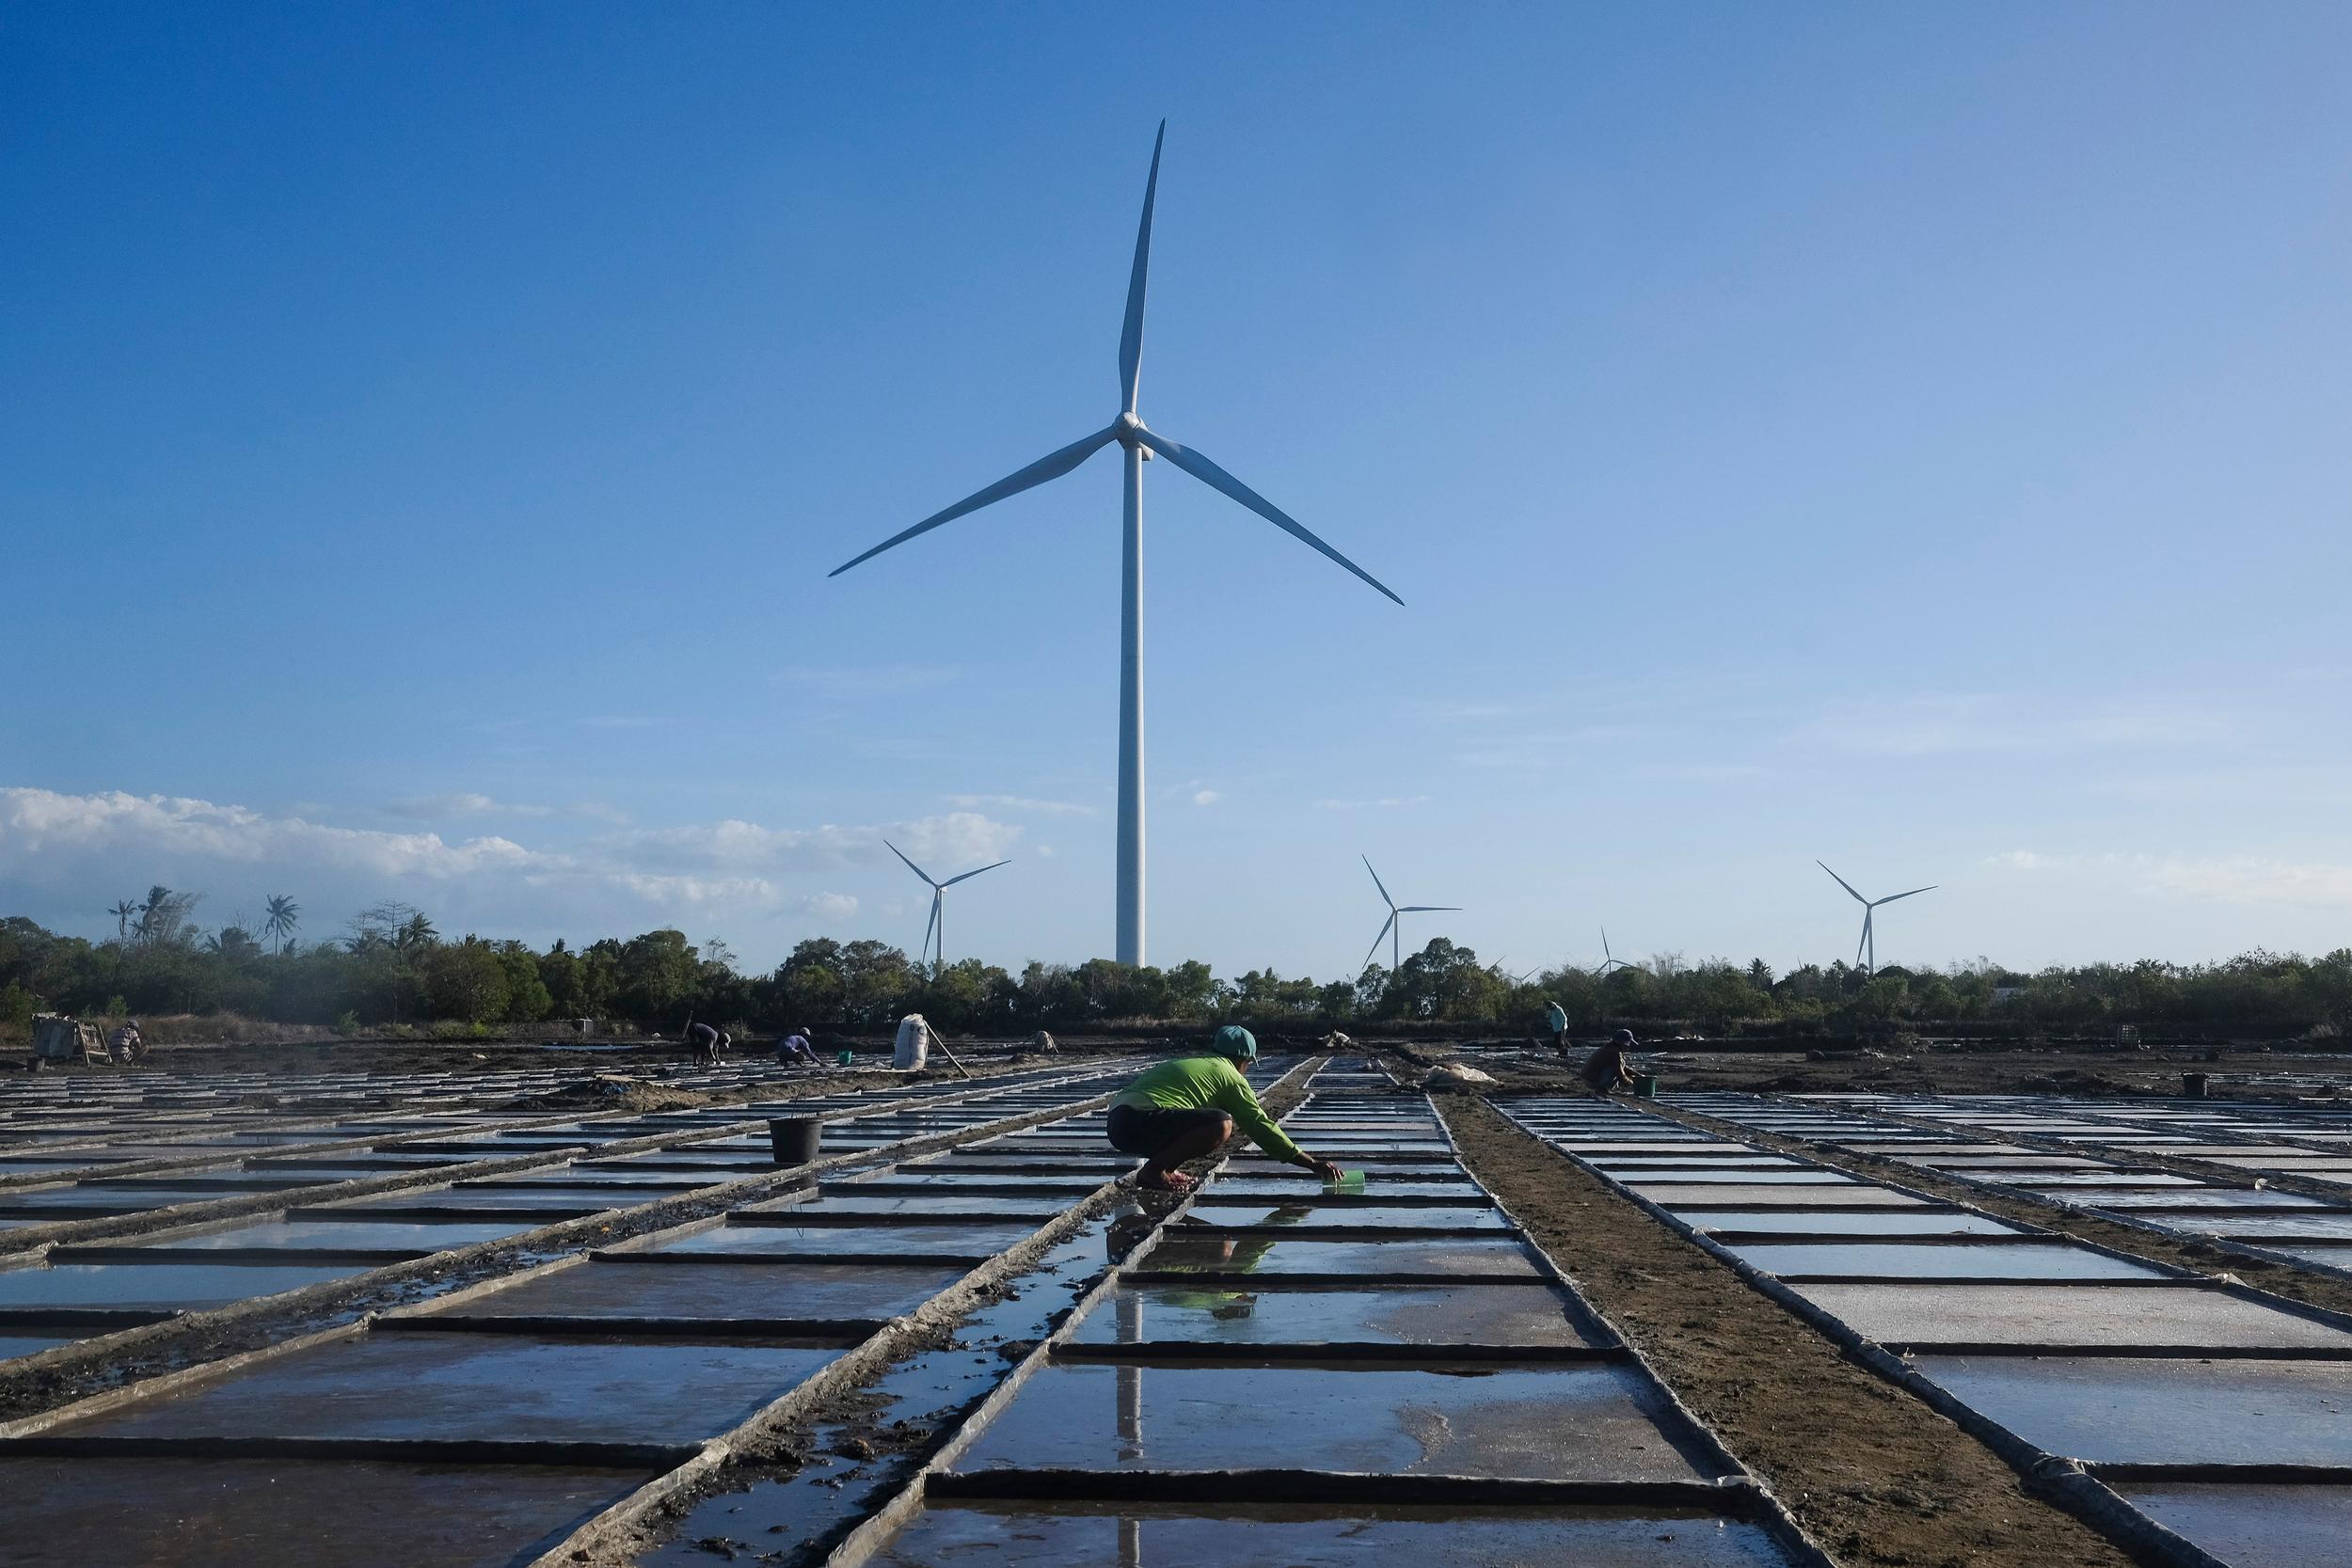 菲律賓擁有東南亞最大潛能的風能,位於吉馬拉斯島(Guimaras Island)的風電廠,在2015年提供了54兆瓦的電力。